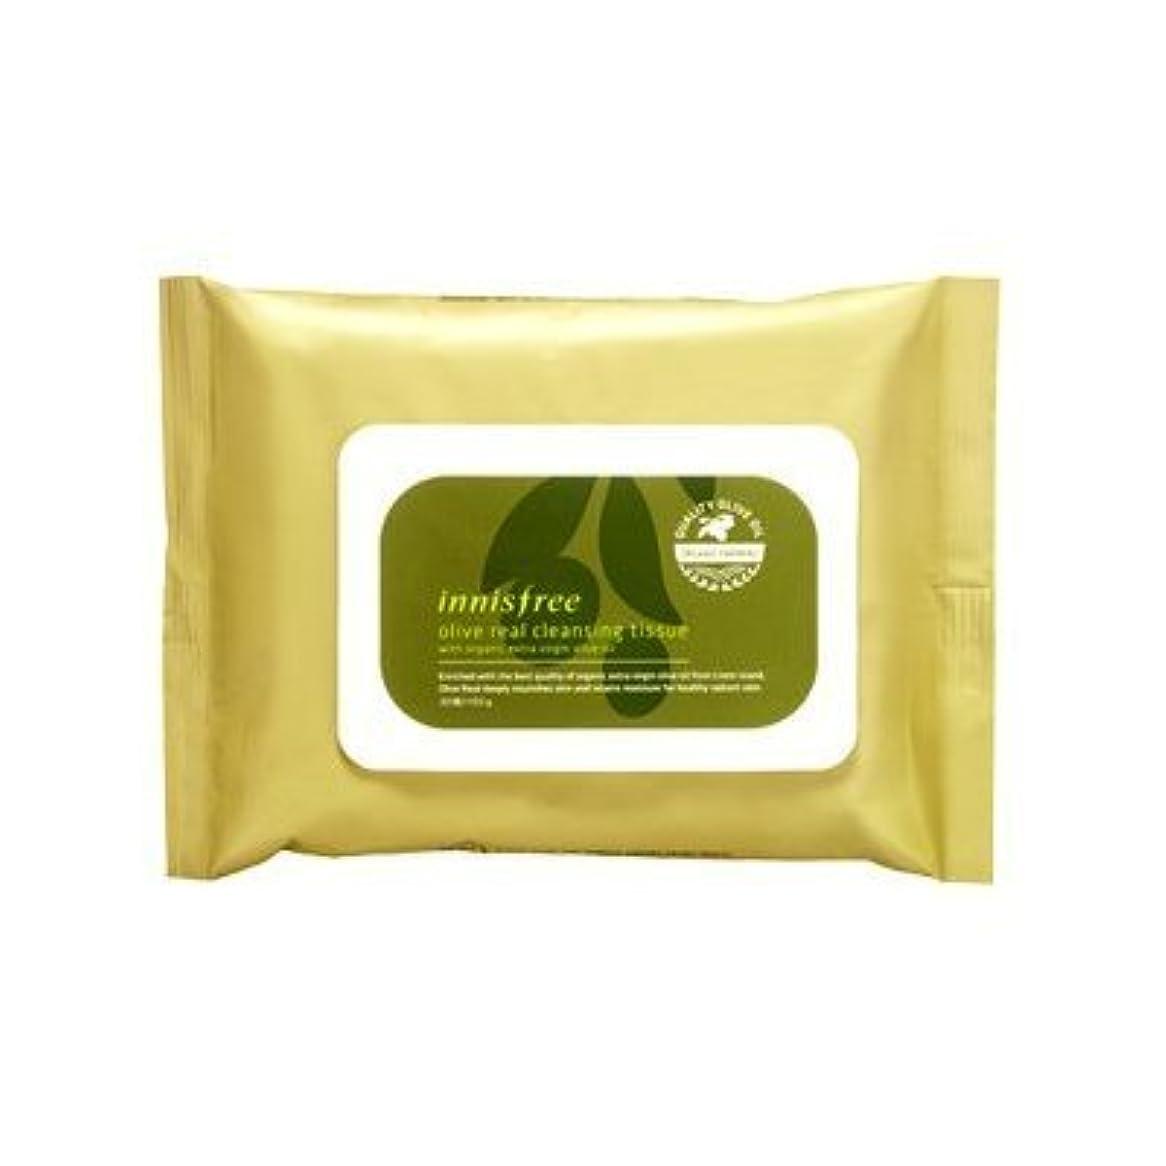 日常的に呼び起こすしがみつくInnisfree Olive Real Cleansing Tissue (30 sheets)